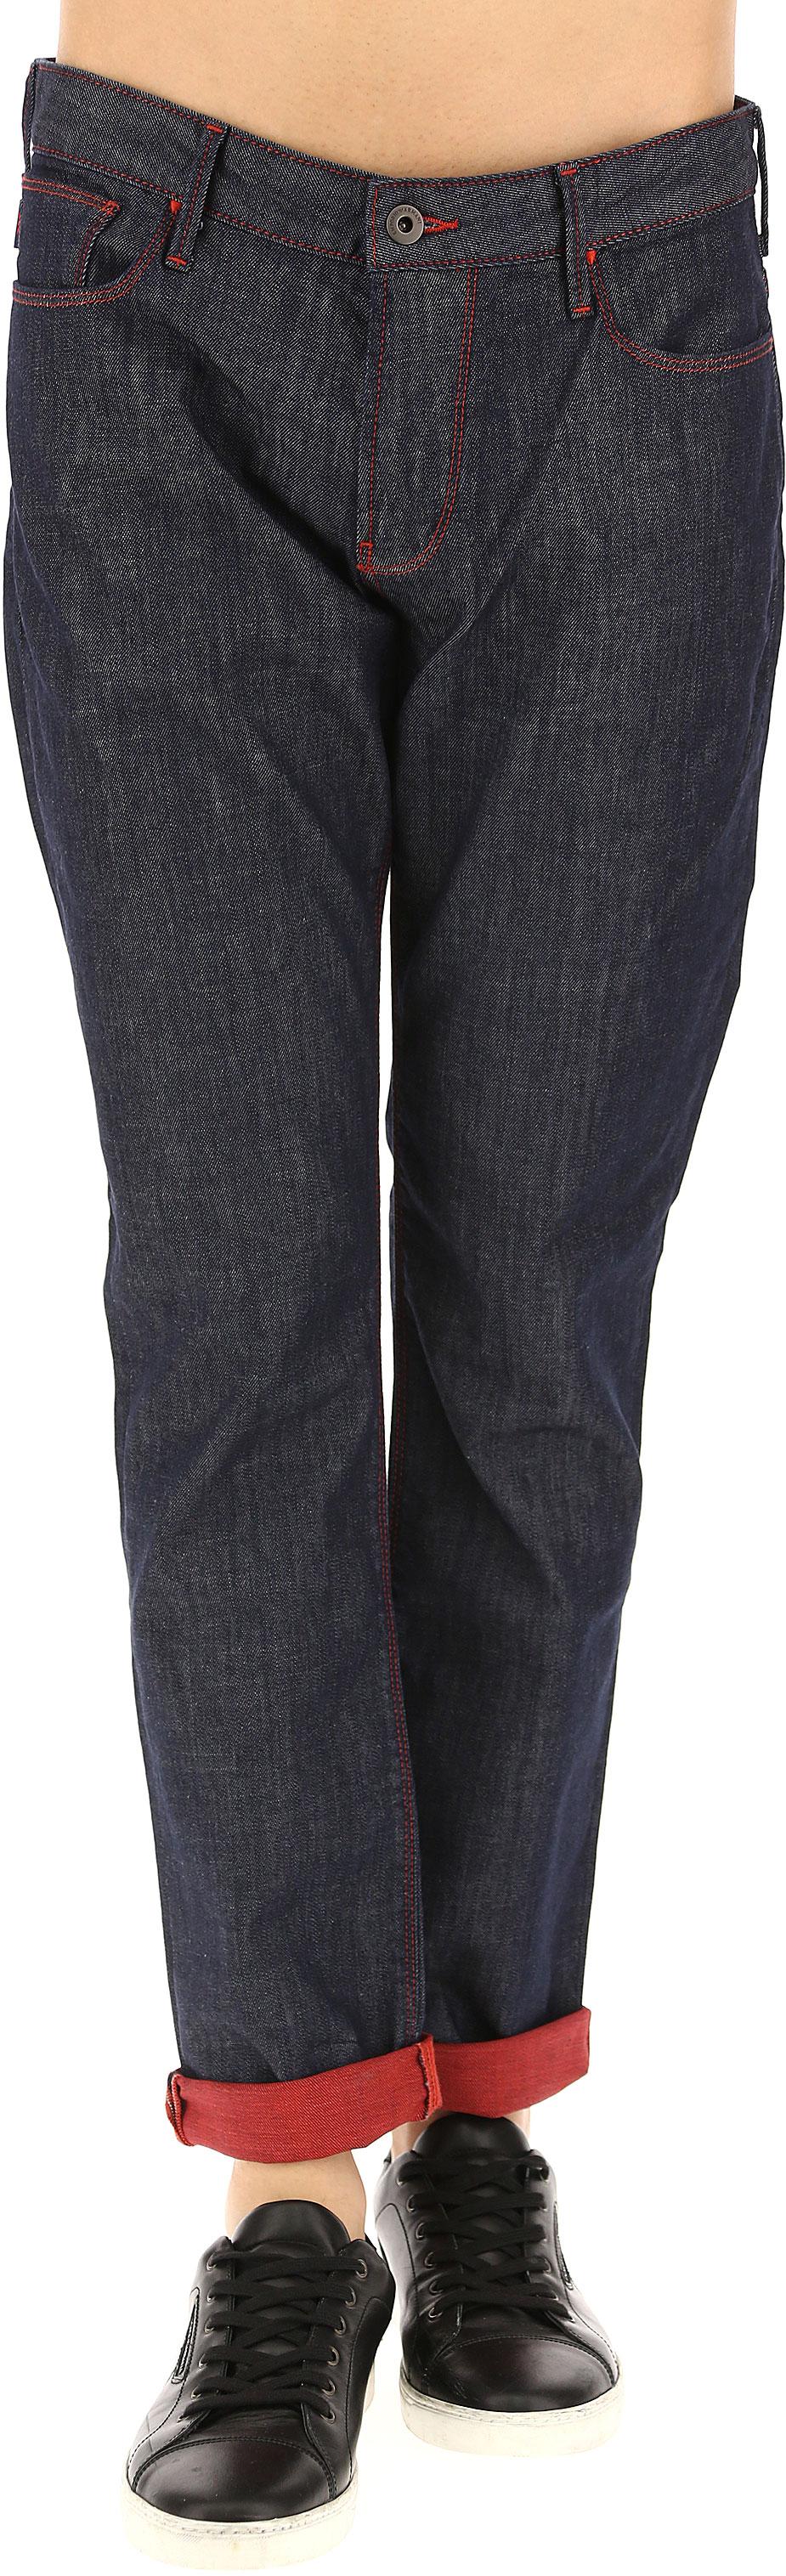 Abbigliamento Uomo Emporio Armani, Codice Articolo: 3z1j06-1d1tz-0941